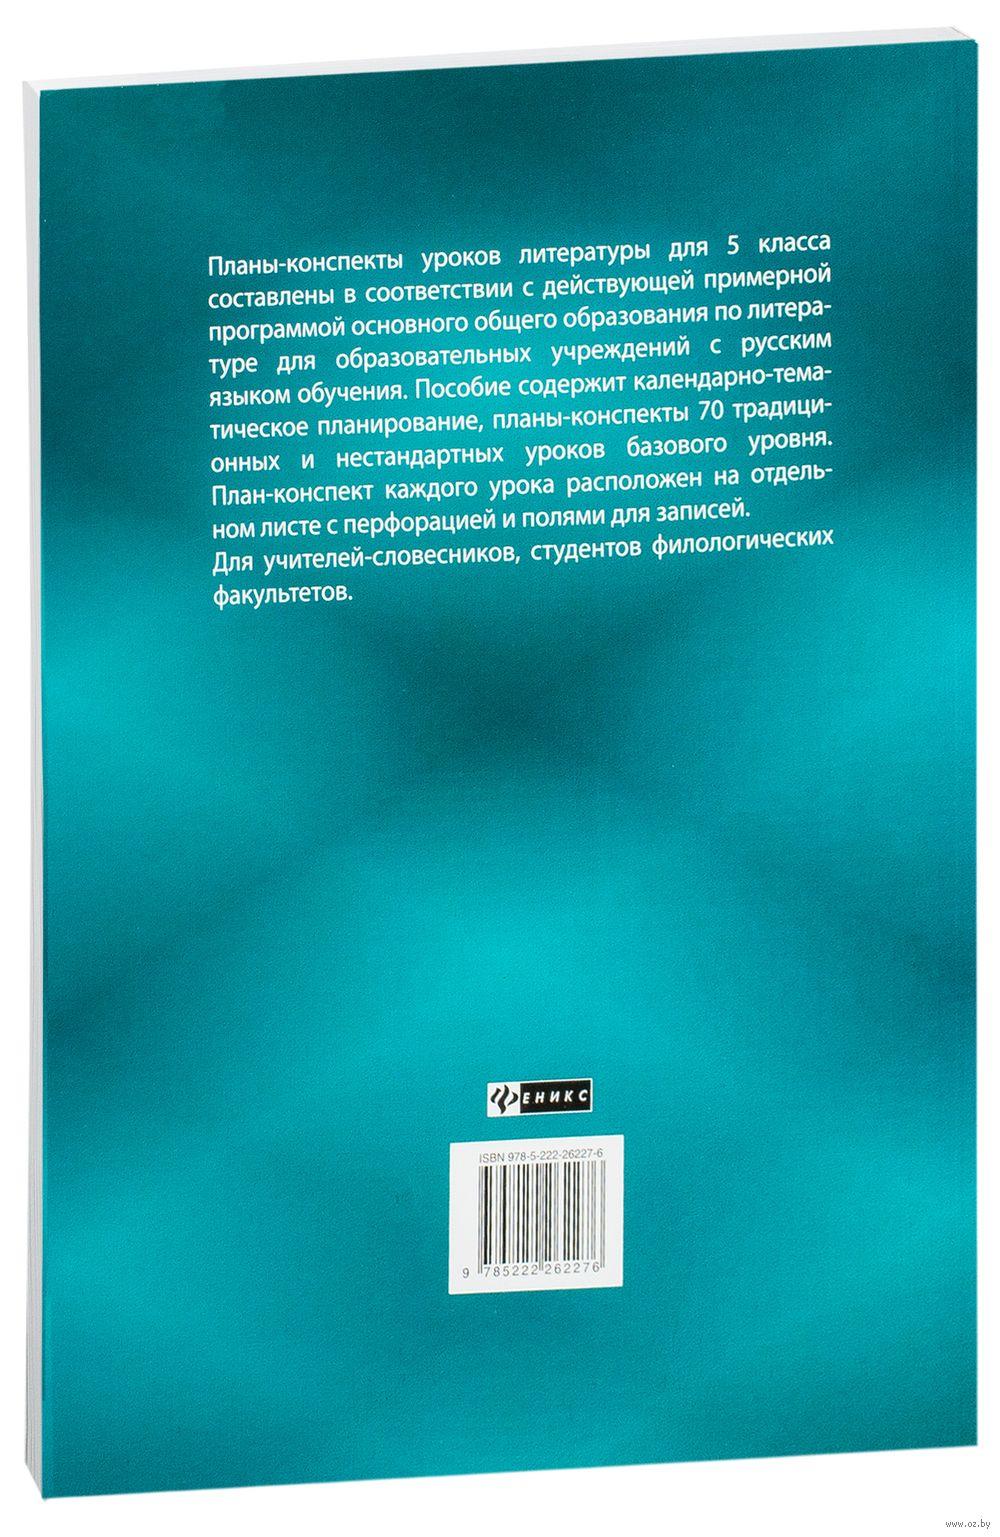 Плани конспект по русской литературе контрольная работа по 19 веку